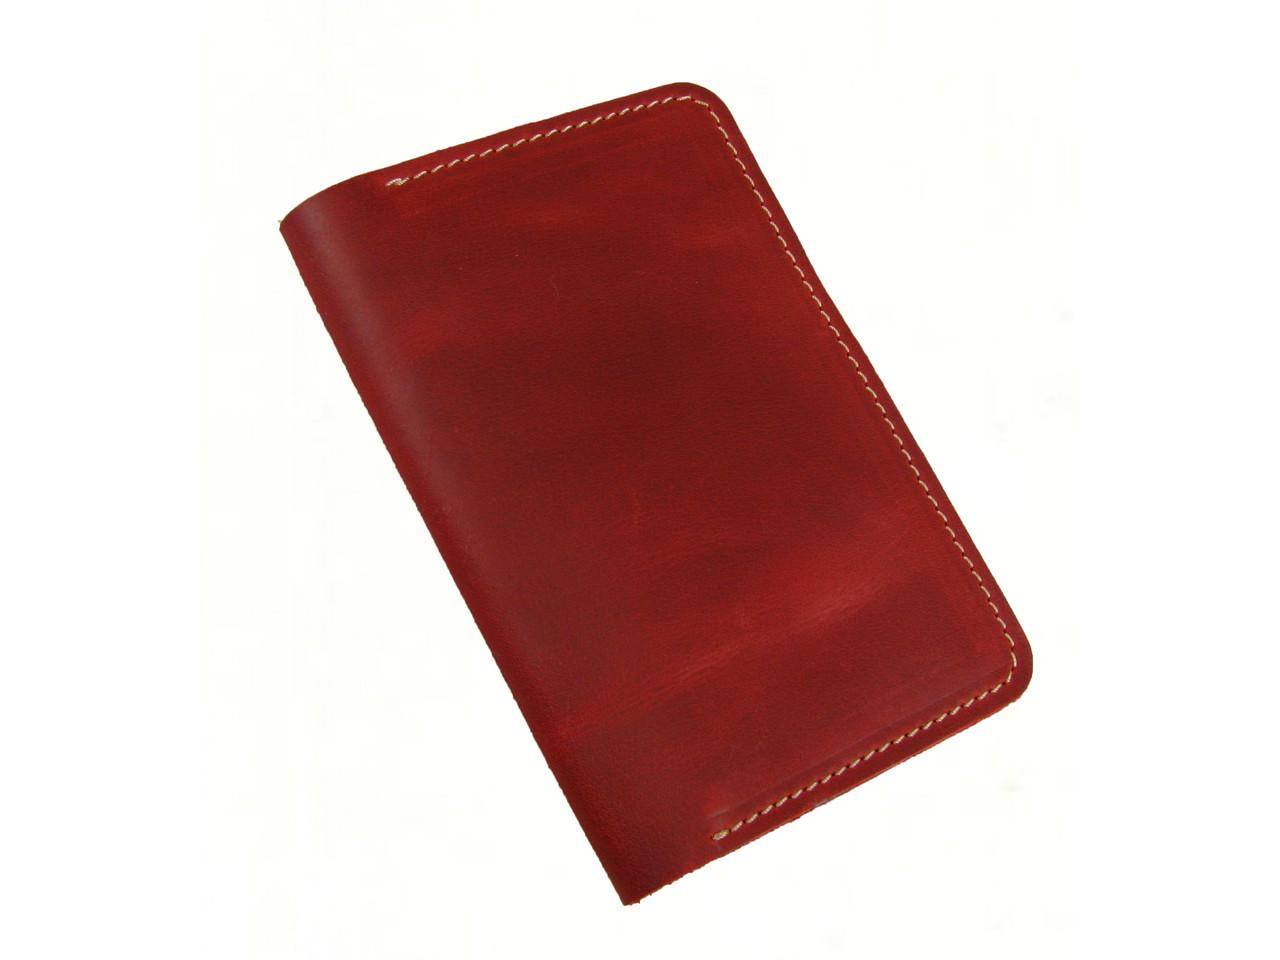 Обложка для паспорта GS кожаная красная